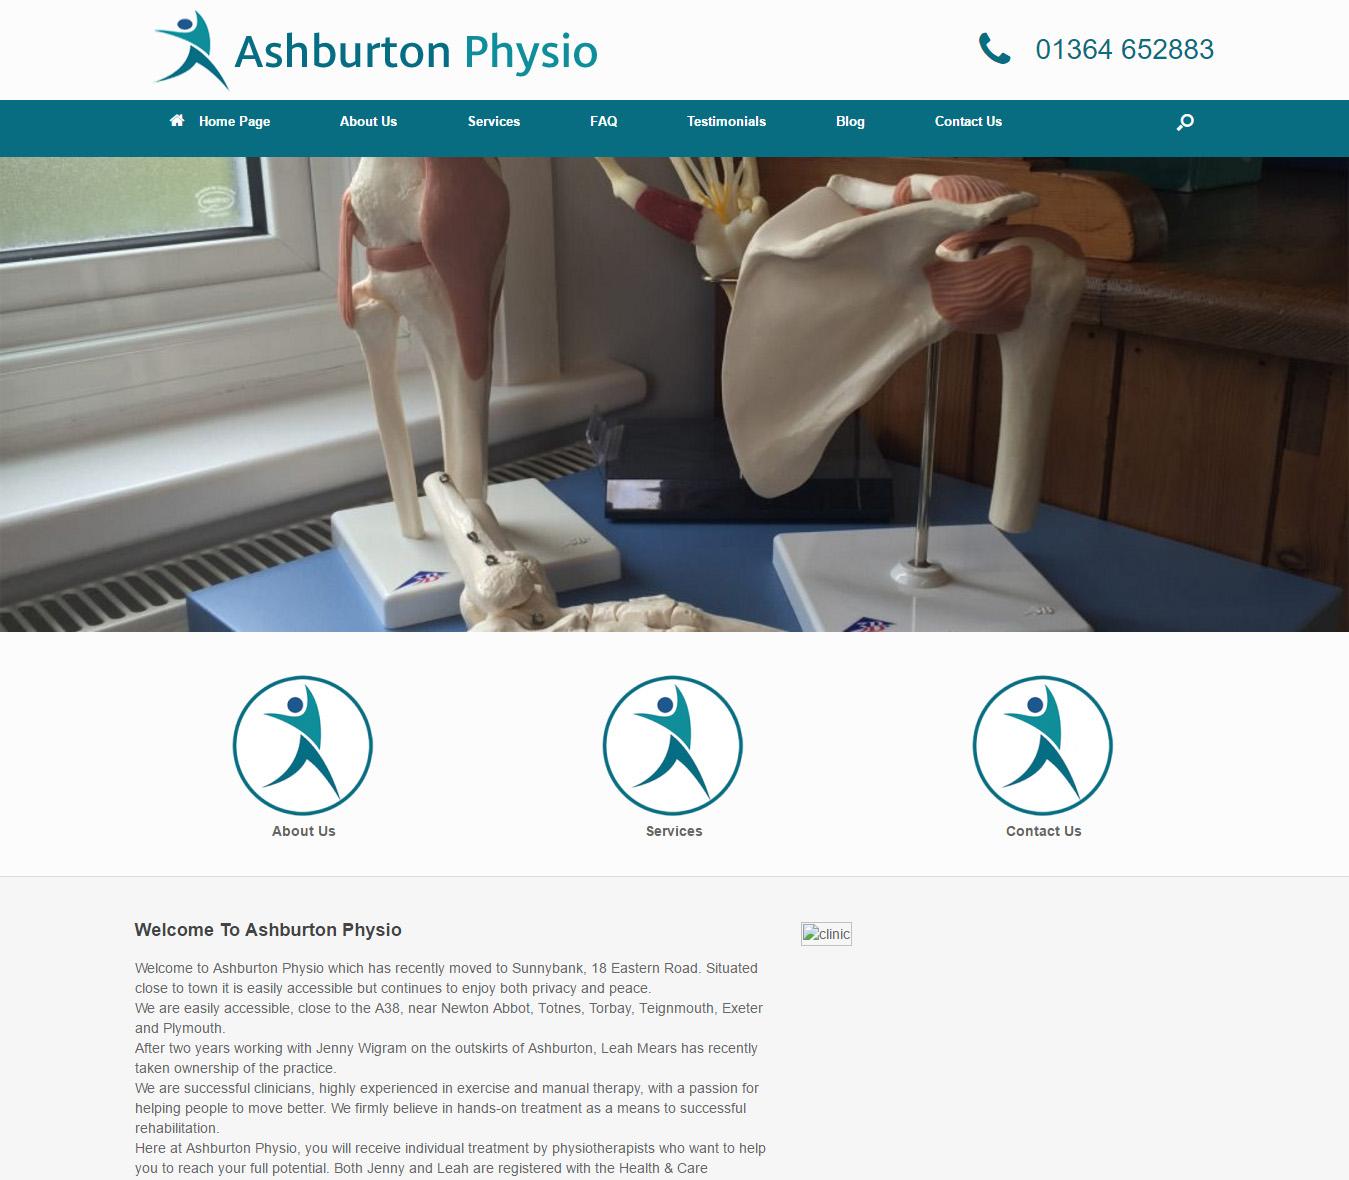 Ashburton Physio